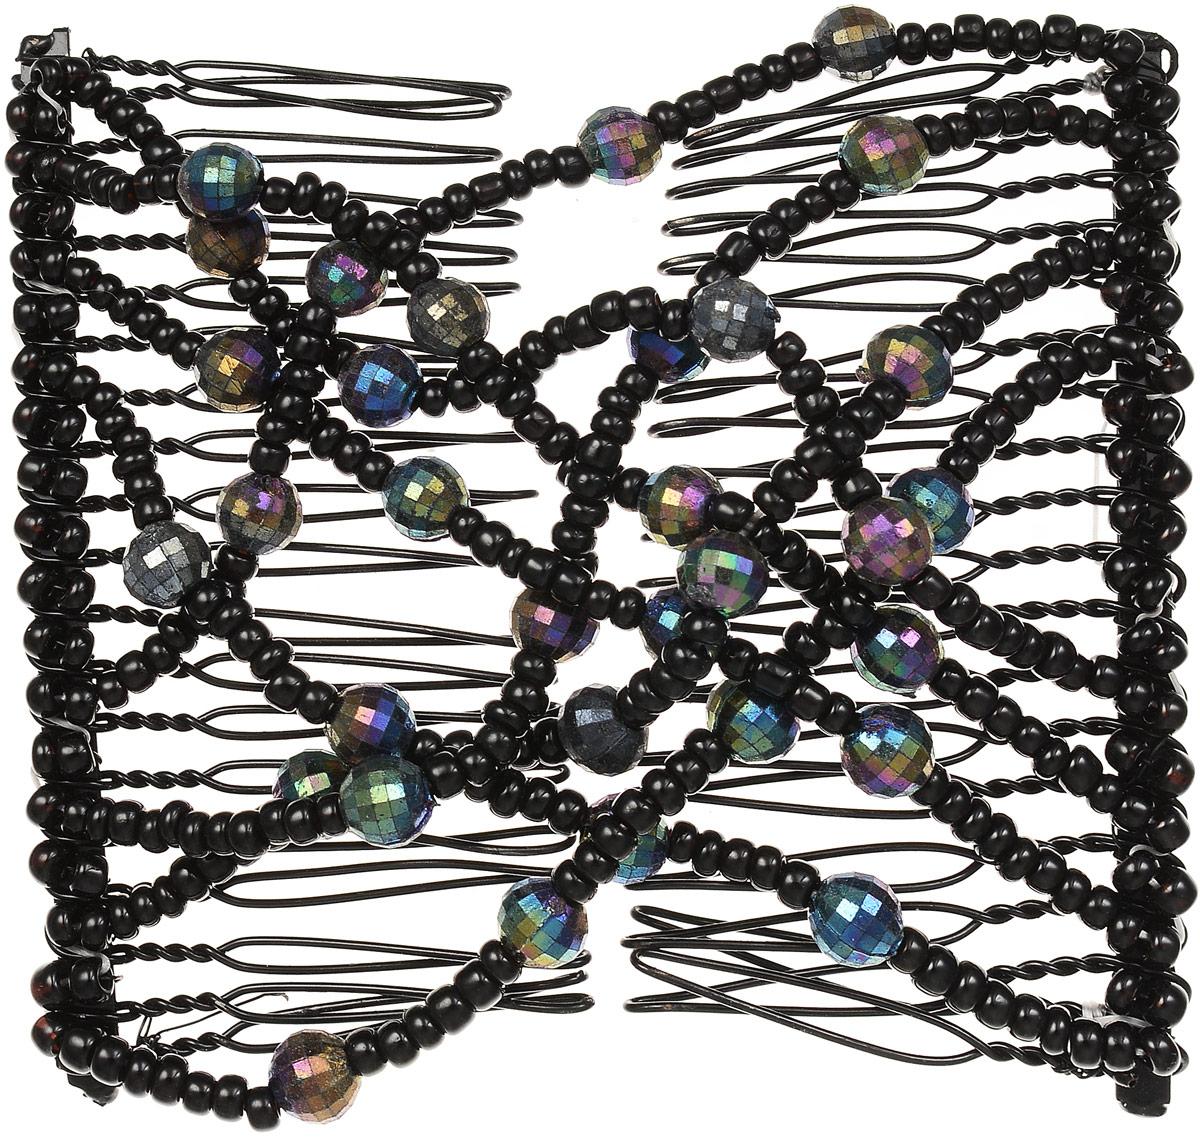 EZ-Combs Заколка Изи-Комбс, одинарная, цвет: черный. ЗИО_перламутрЗИО_черный, перламутрУдобная и практичная EZ-Combs подходит для любого типа волос: тонких, жестких, вьющихся или прямых, и не наносит им никакого вреда. Заколка не мешает движениям головы и не создает дискомфорта, когда вы отдыхаете или управляете автомобилем. Каждый гребень имеет по 20 зубьев для надежной фиксации заколки на волосах! И даже во время бега и интенсивных тренировок в спортзале EZ-Combs не падает; она прочно фиксирует прическу, сохраняя укладку в первозданном виде. Небольшая и легкая заколка для волос EZ-Combs поместится в любой дамской сумочке, позволяя быстро и без особых усилий создавать неповторимые прически там, где вам это удобно. Гребень прекрасно сочетается с любой одеждой: будь это классический или спортивный стиль, завершая гармоничный облик современной леди. И неважно, какой образ жизни вы ведете, если у вас есть EZ-Combs, вы всегда будете выглядеть потрясающе.